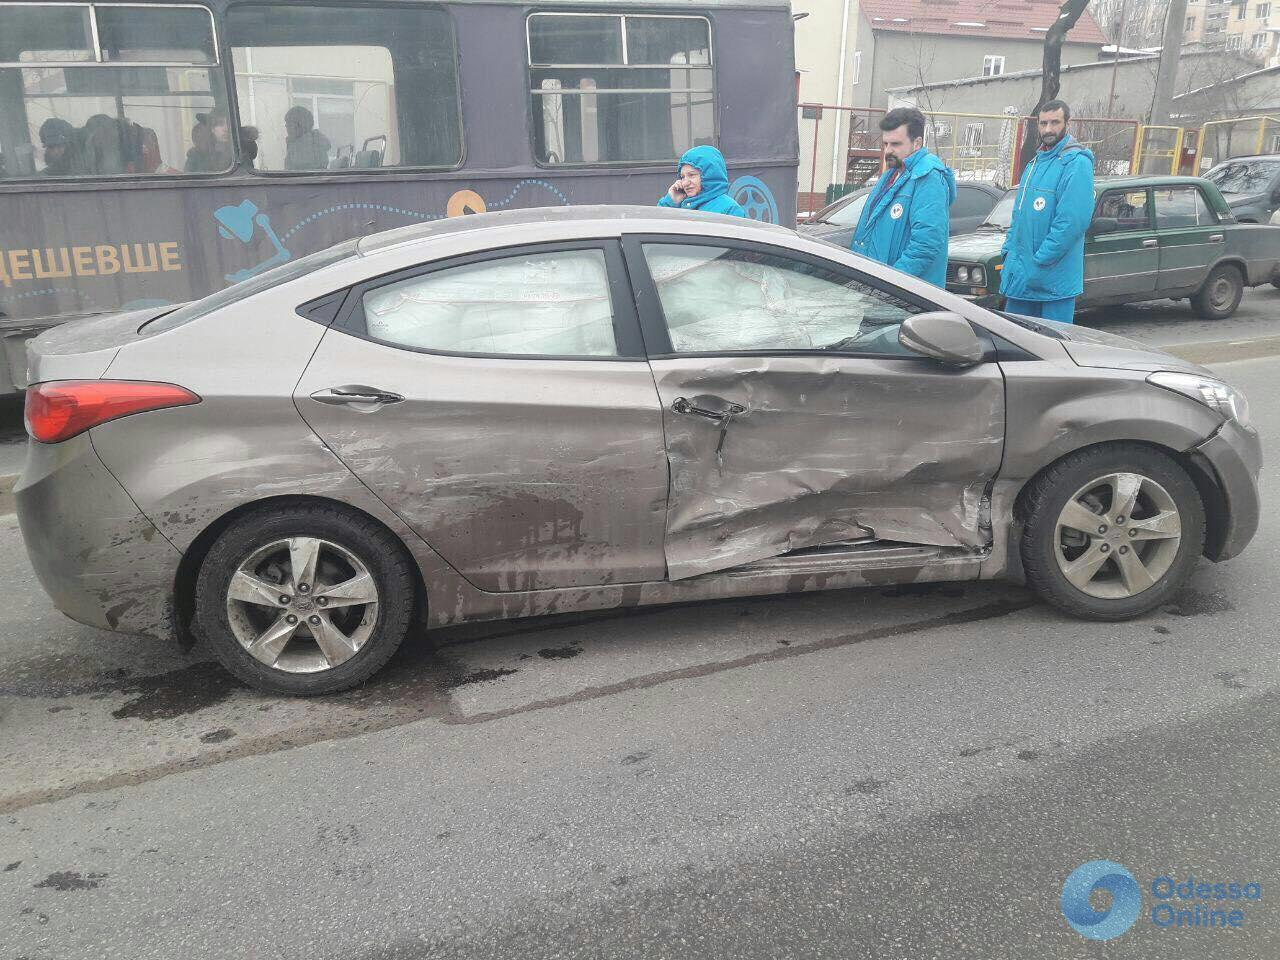 На перекрестке с отключенным светофором столкнулись две иномарки: есть пострадавший